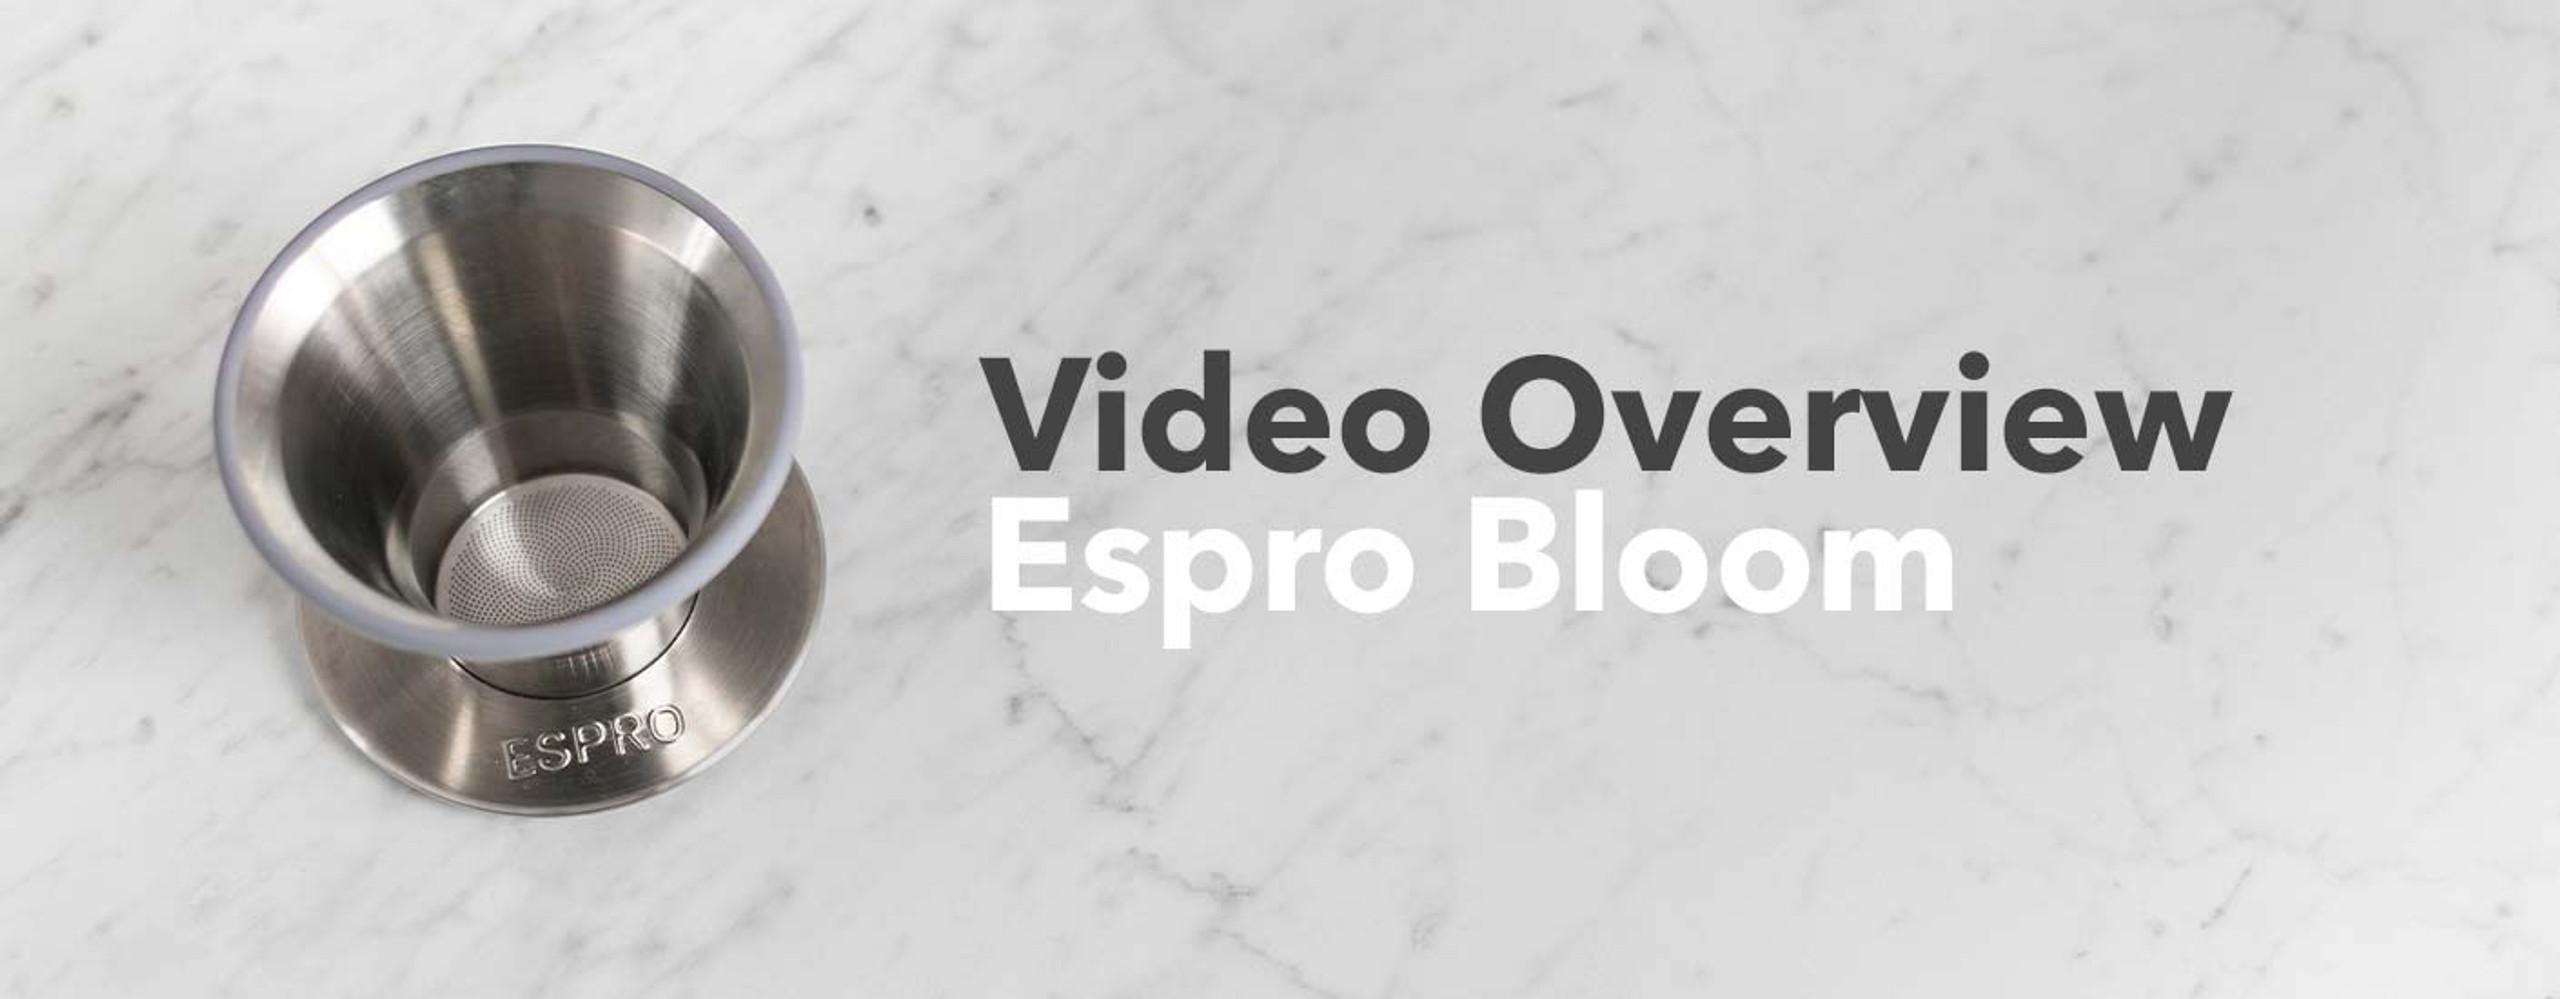 Espro Bloom Overview